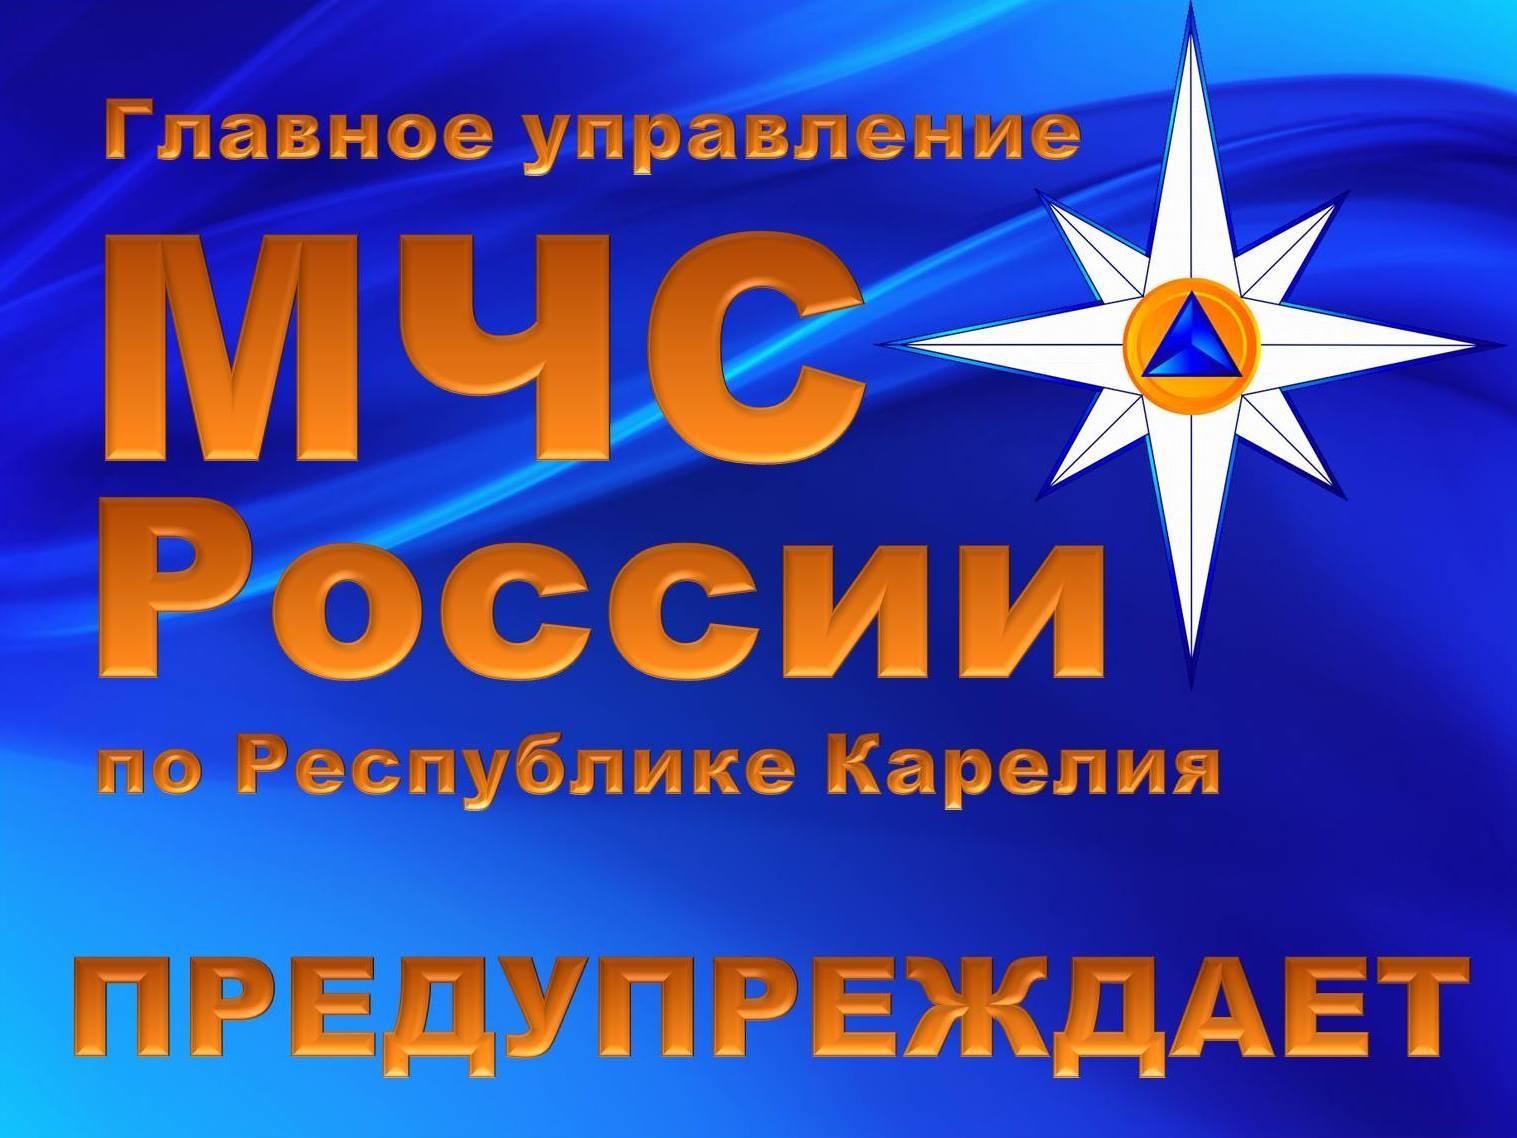 Неблагоприятное гидрометеорологическое явление на территории Республики Карелия на 24 февраля 2021 года.